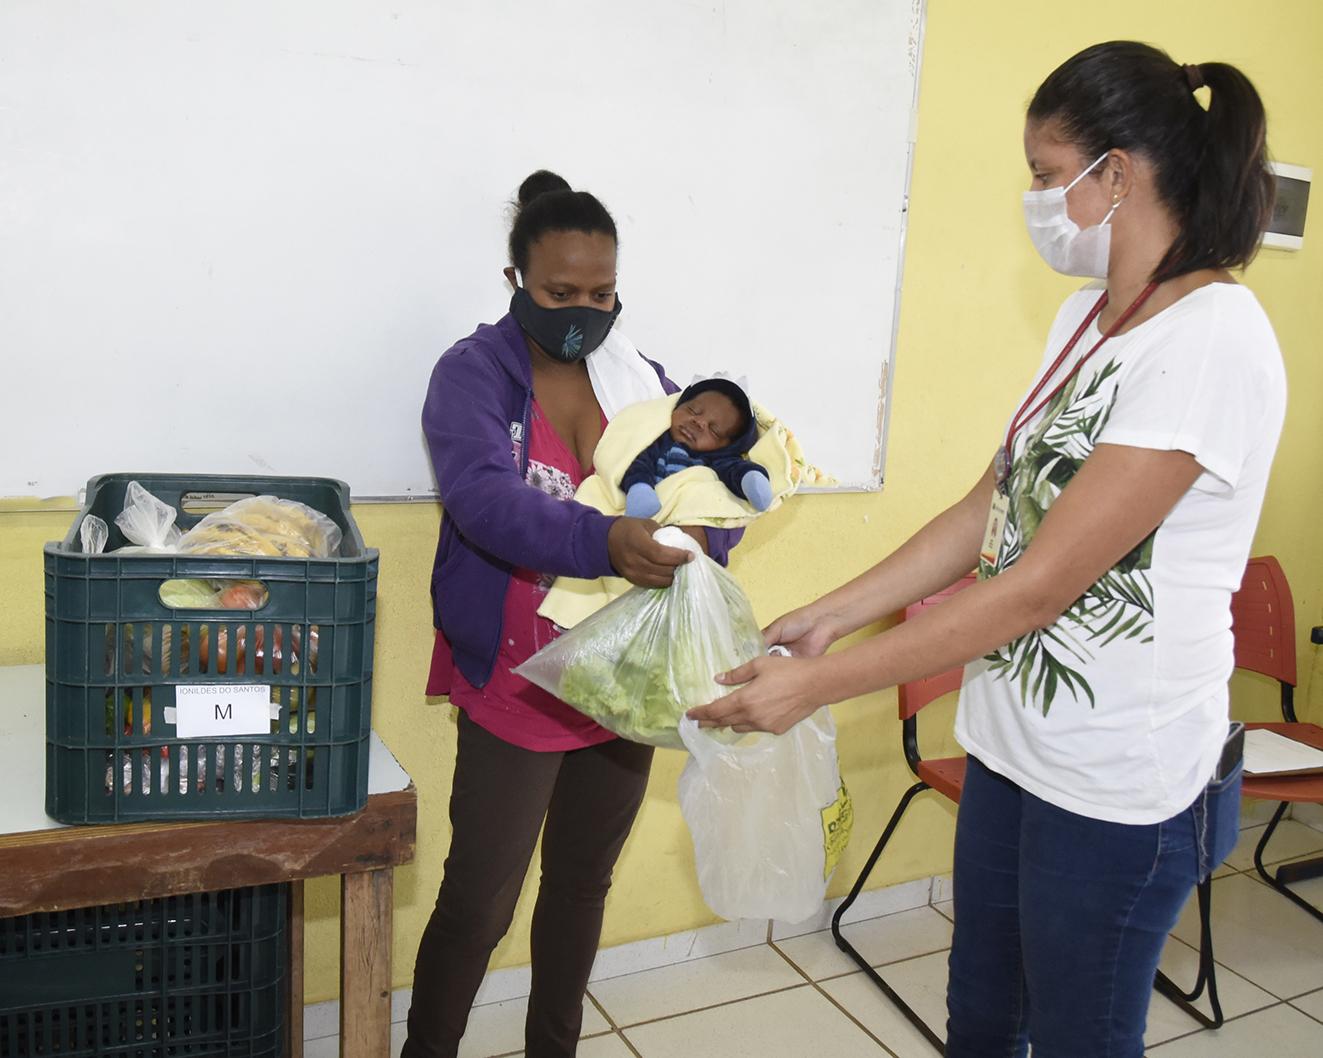 Mulher com criança no colo coloca maço de verdura em sacola que outra mulher segura. Ao lado, sobre uma mesa, há uma caixa de plástico com alimentos ensacados dentro